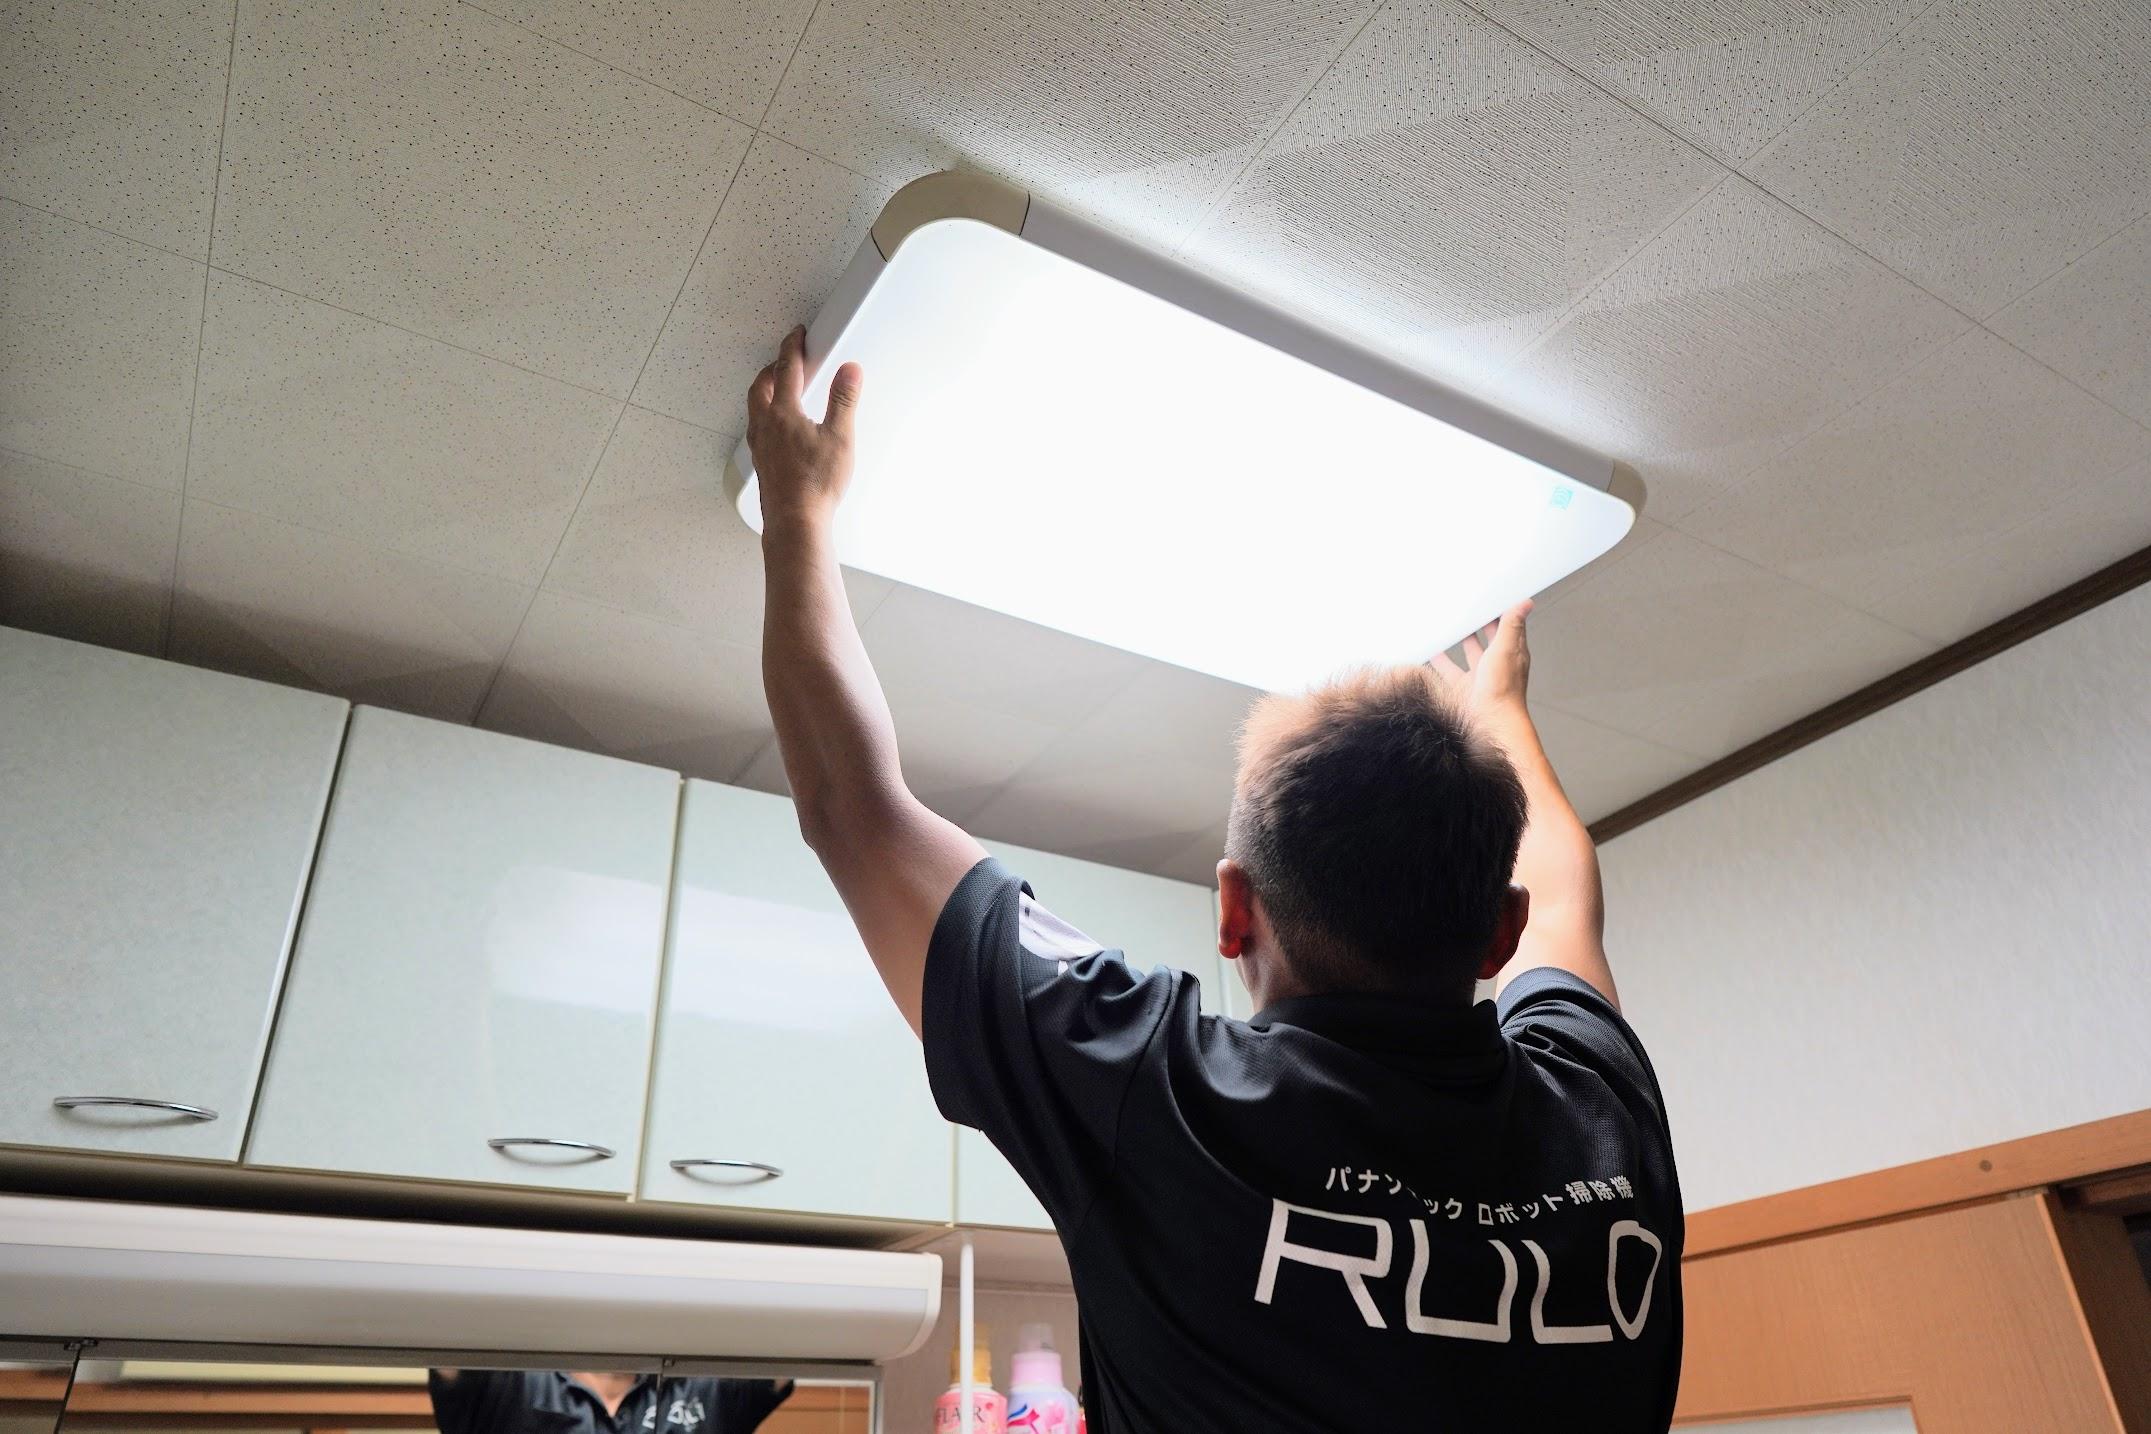 電気を取り替えるスタッフ